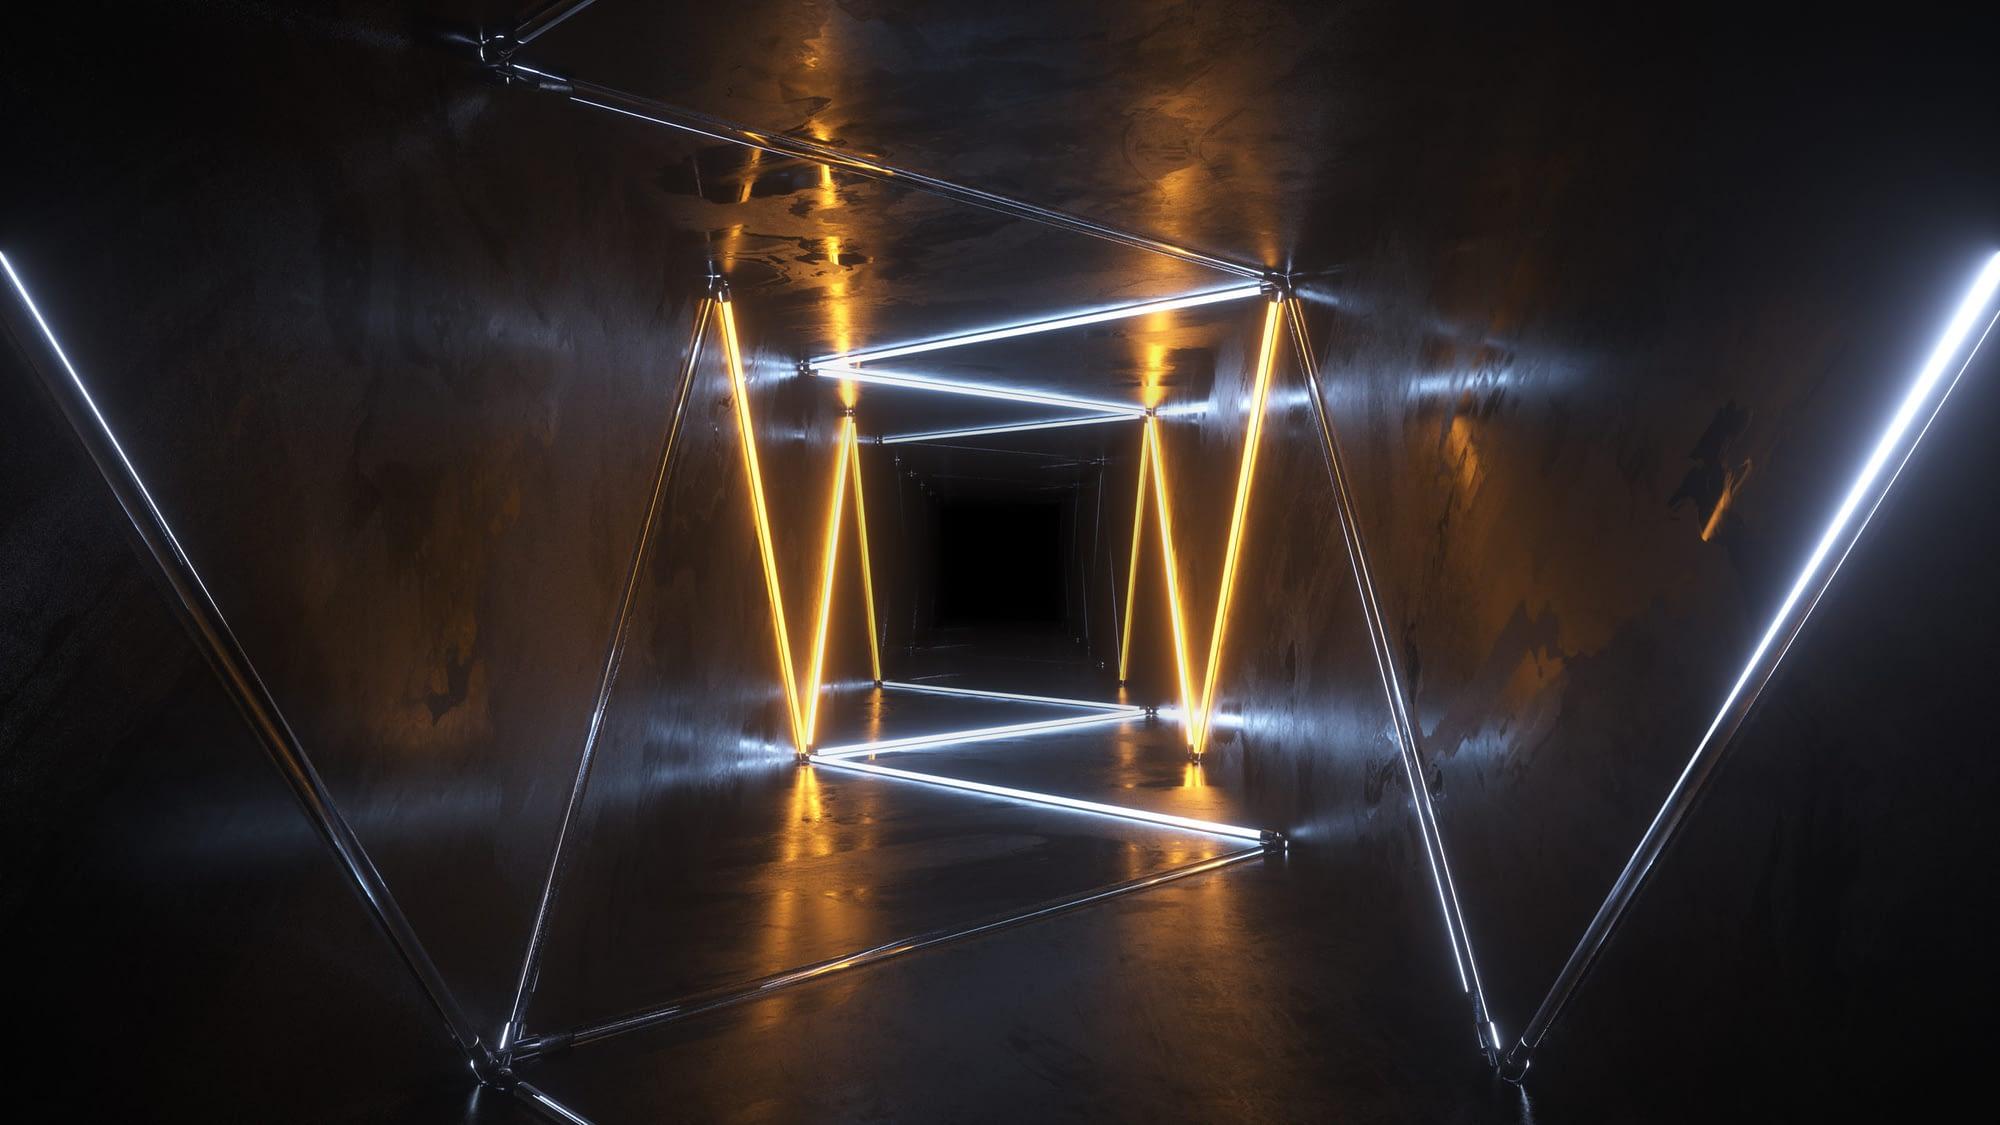 Neon Rooms 2 VJ Loop Pack by Ghosteam